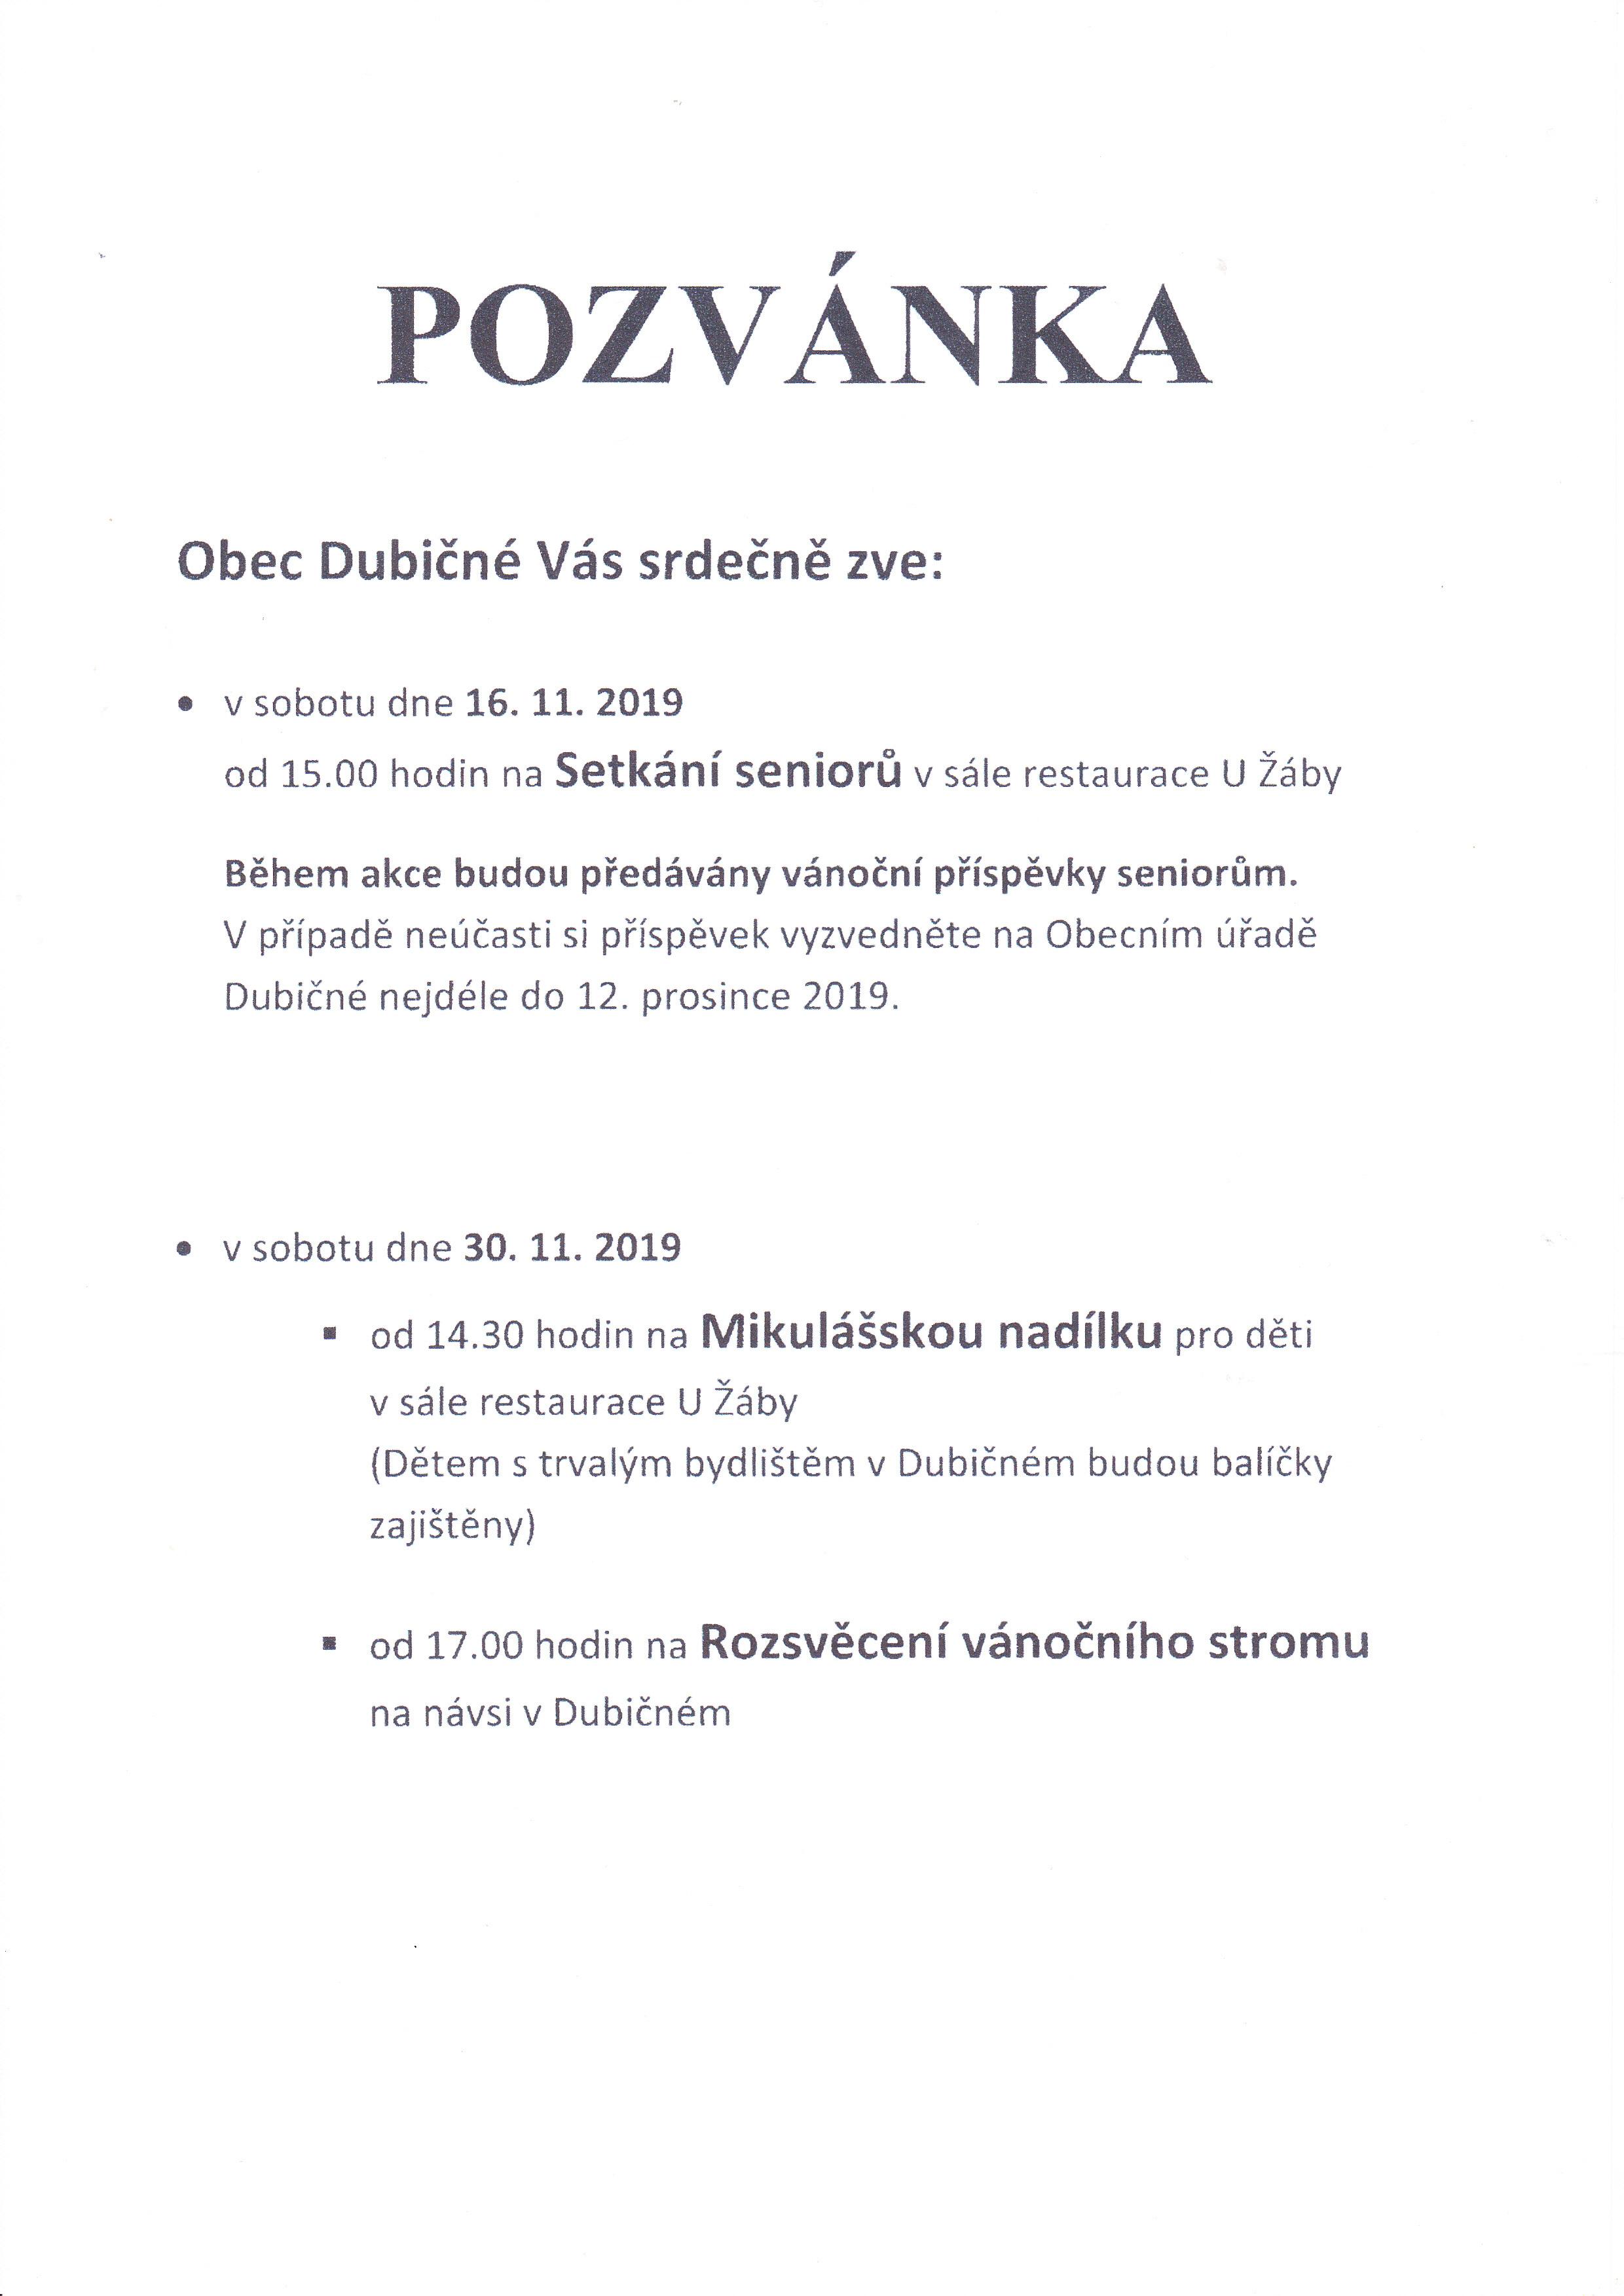 Pozvánka  na akce koncem roku 2019